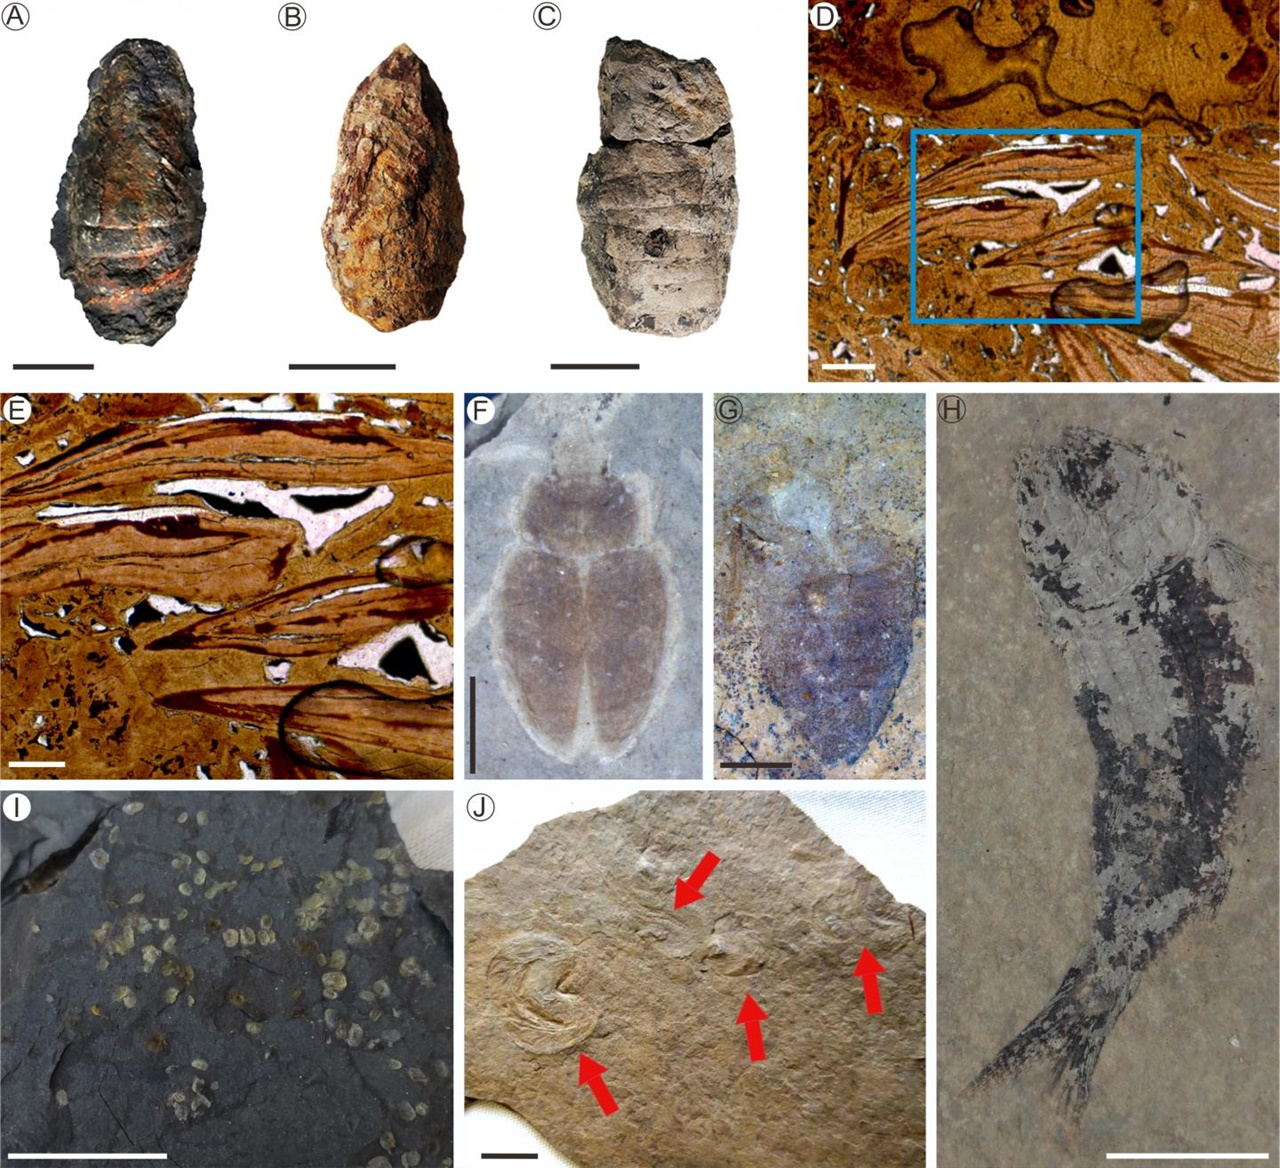 페름기 대멸종 사건과 생태계 회복을 보여주는 화석들. 사진 A,B,C는 물고기의 분변. D,E는 현미경으로 본 물고기 분변의 단면. F,G 는 풍뎅이,  H는 물고기, I,J는 새우 화석이다.